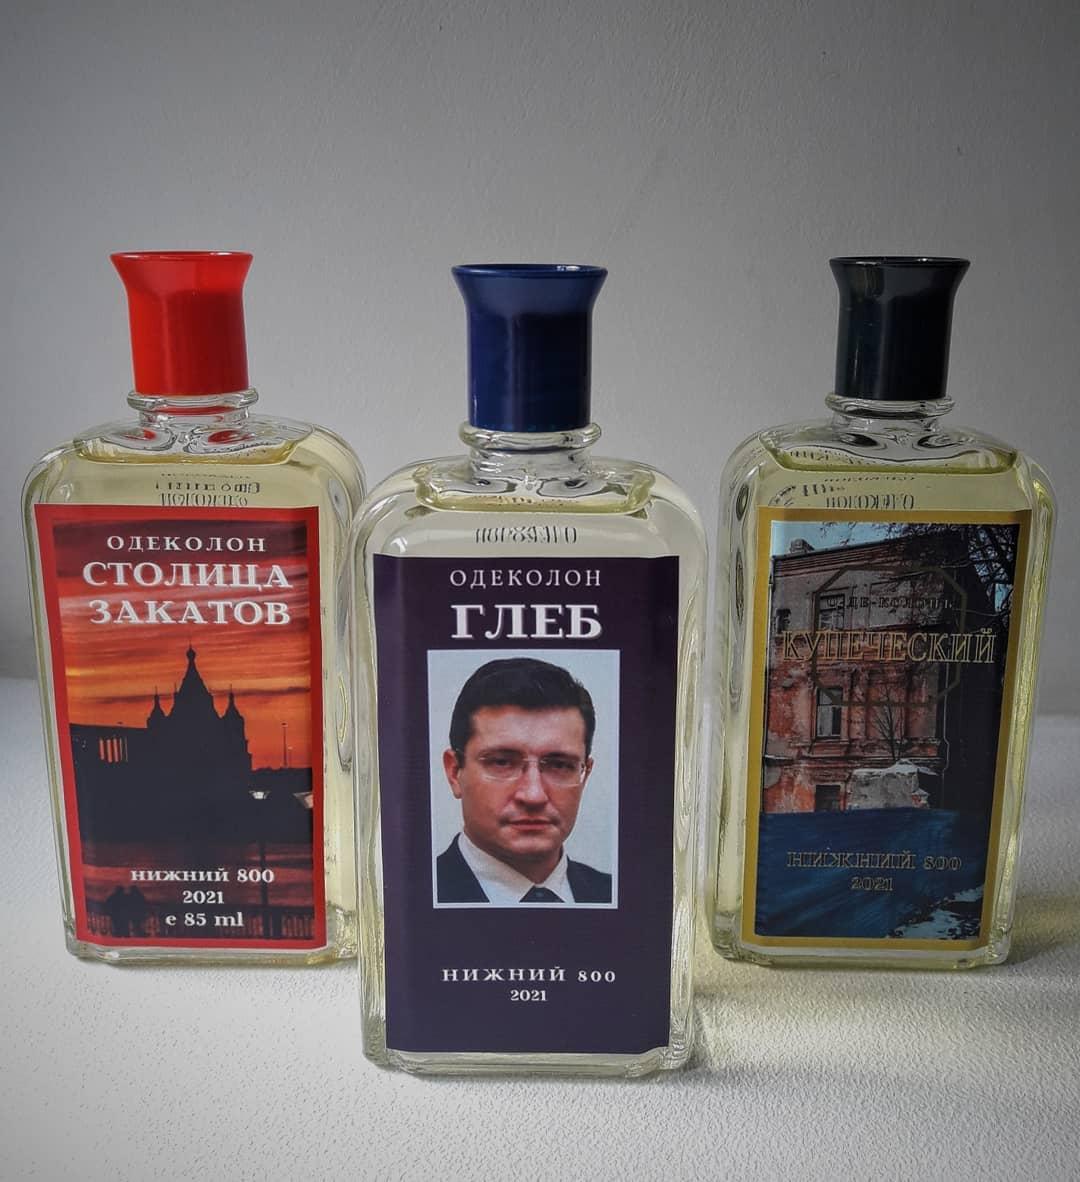 «Любовь к городу начинается с запаха»: нижегородец выпустил лимитированную коллекцию духов